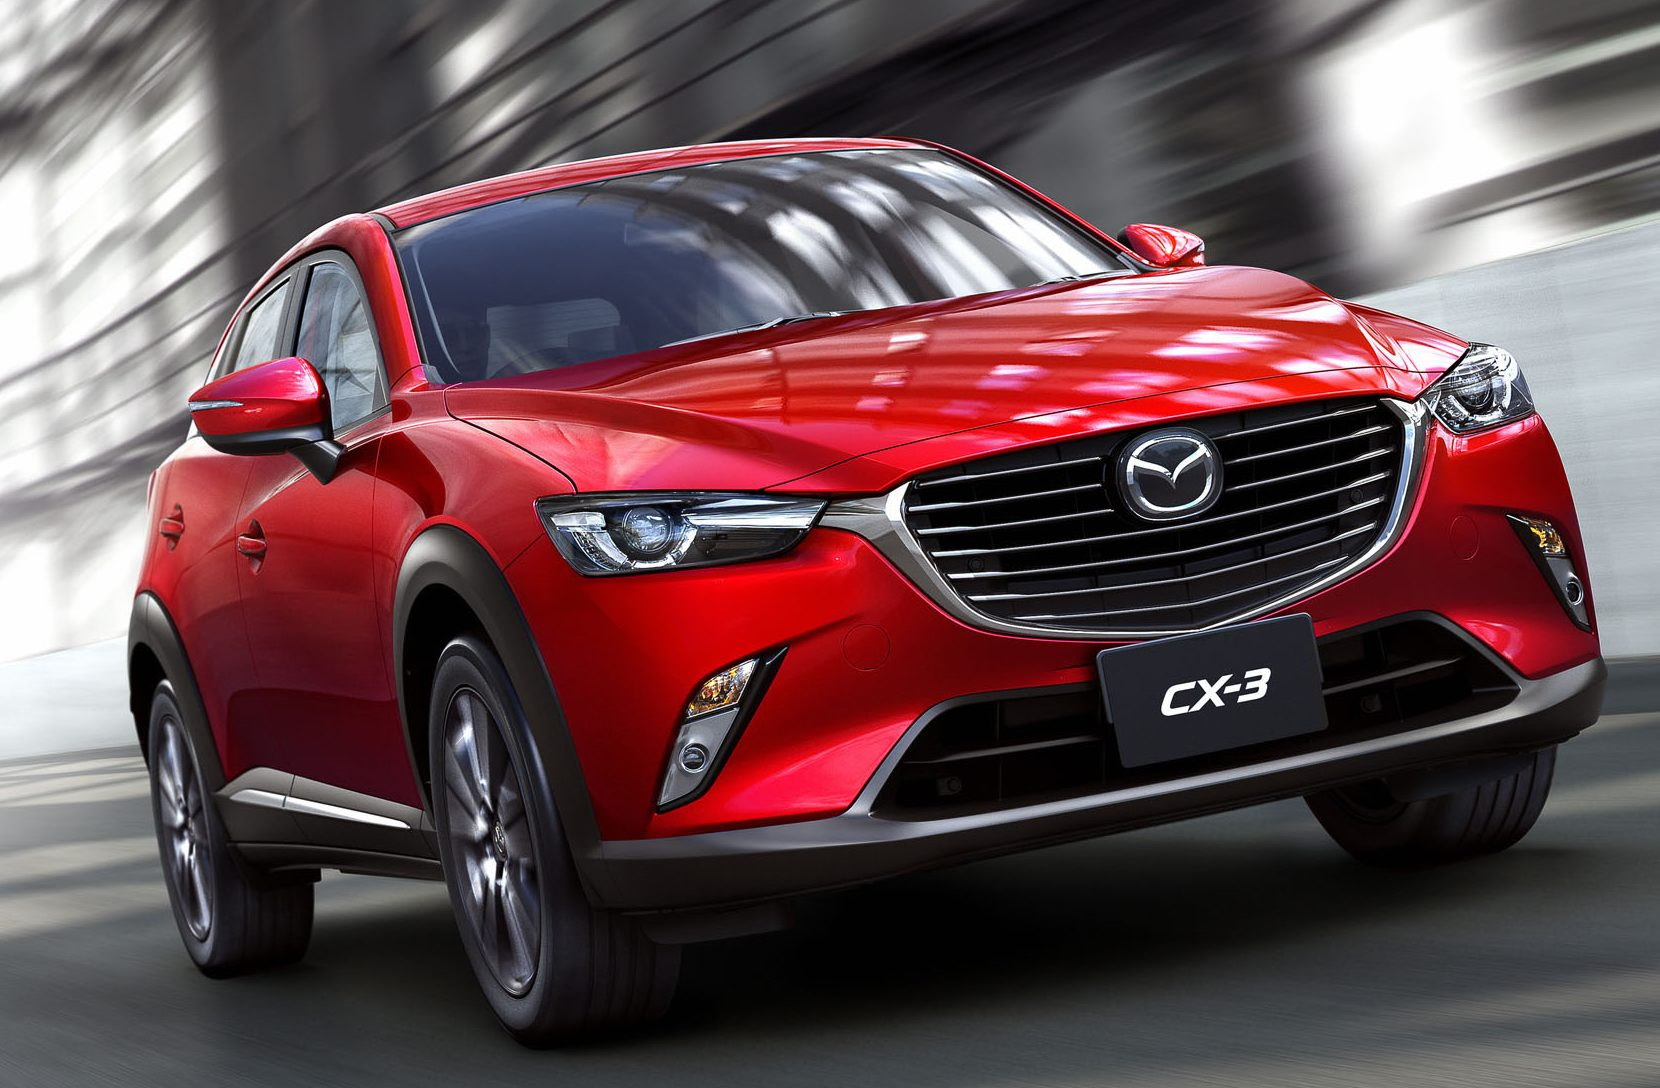 日本推出<b>Mazda</b> 2和<b>Mazda CX-3</b>小改款,改良悬吊系统、增加操控与稳定性,新增G-Vectoring ...